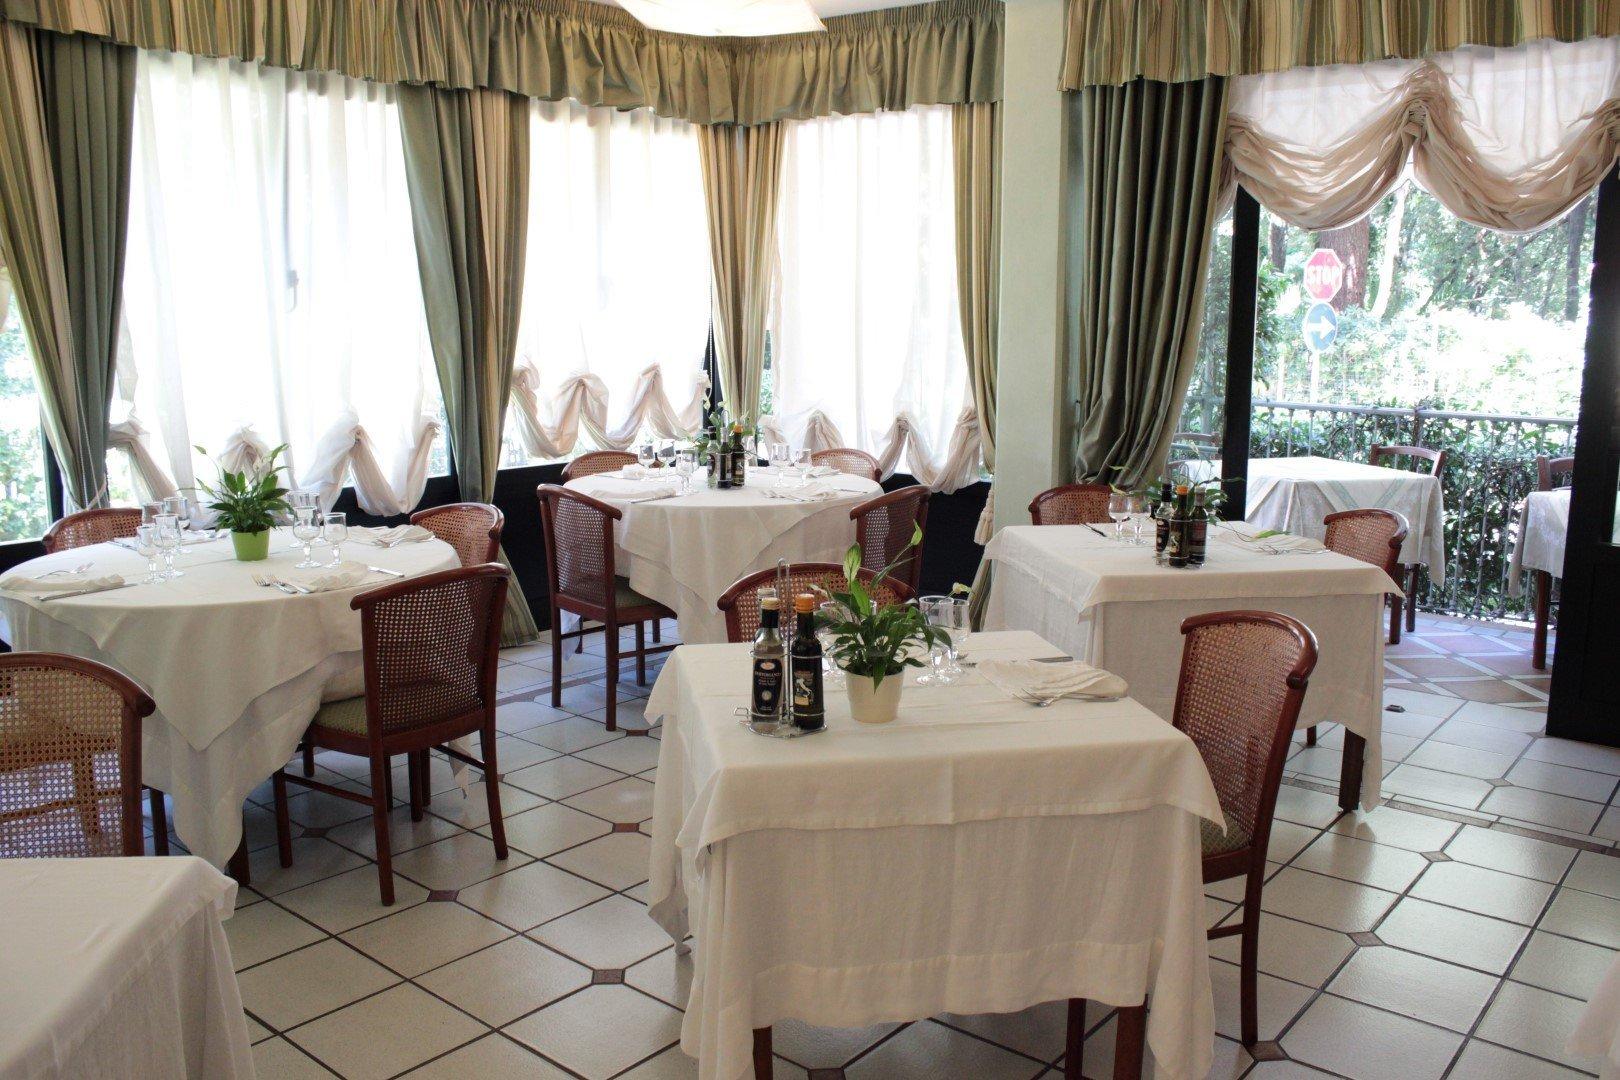 sala di un ristorante con tavoli